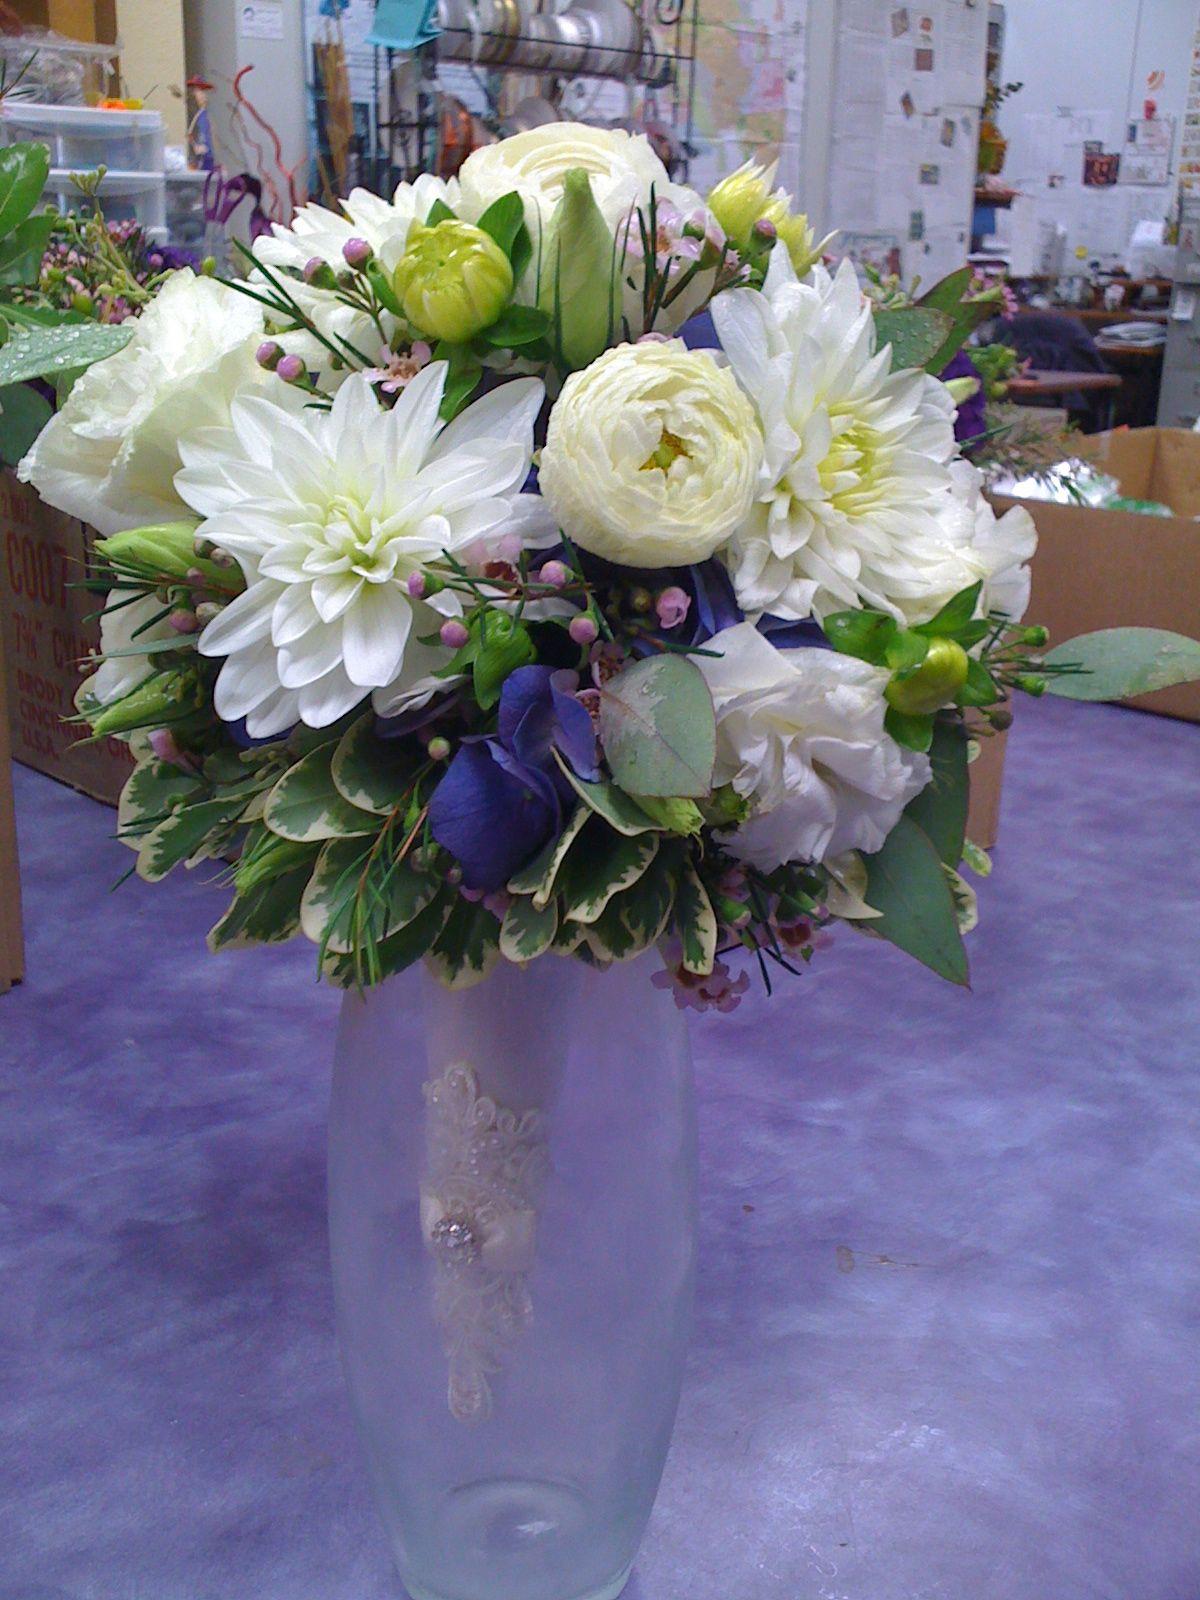 White Dahlias White Ranunculus White Lisianthus Wax Flower Blue